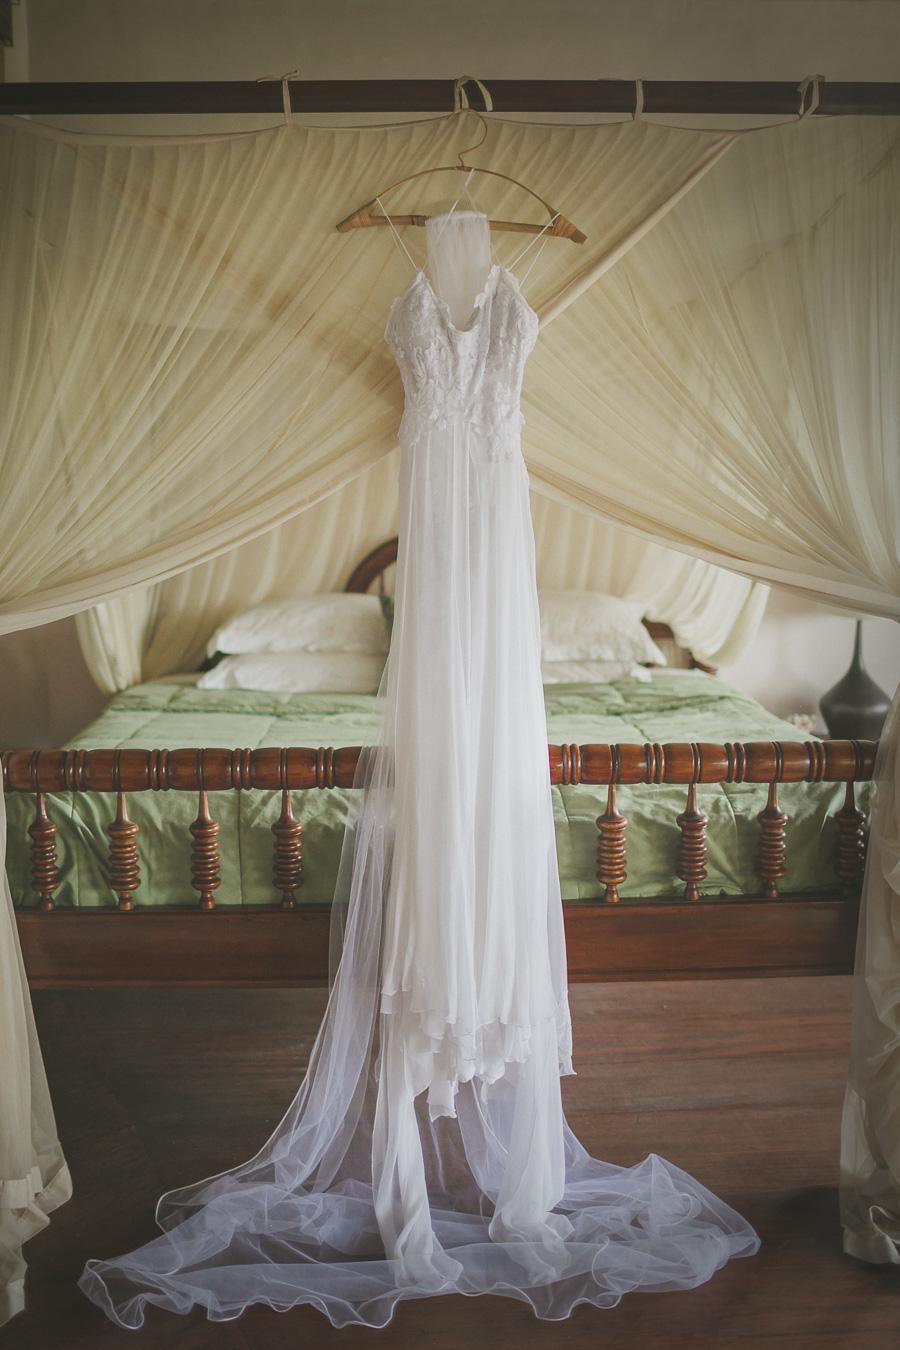 Bali Wedding | Seminyak Wedding | Uluwatu Wedding | Canggu Wedding | www.guijorge.com.au Bali wedding seminyak_www.guijorge.com.au